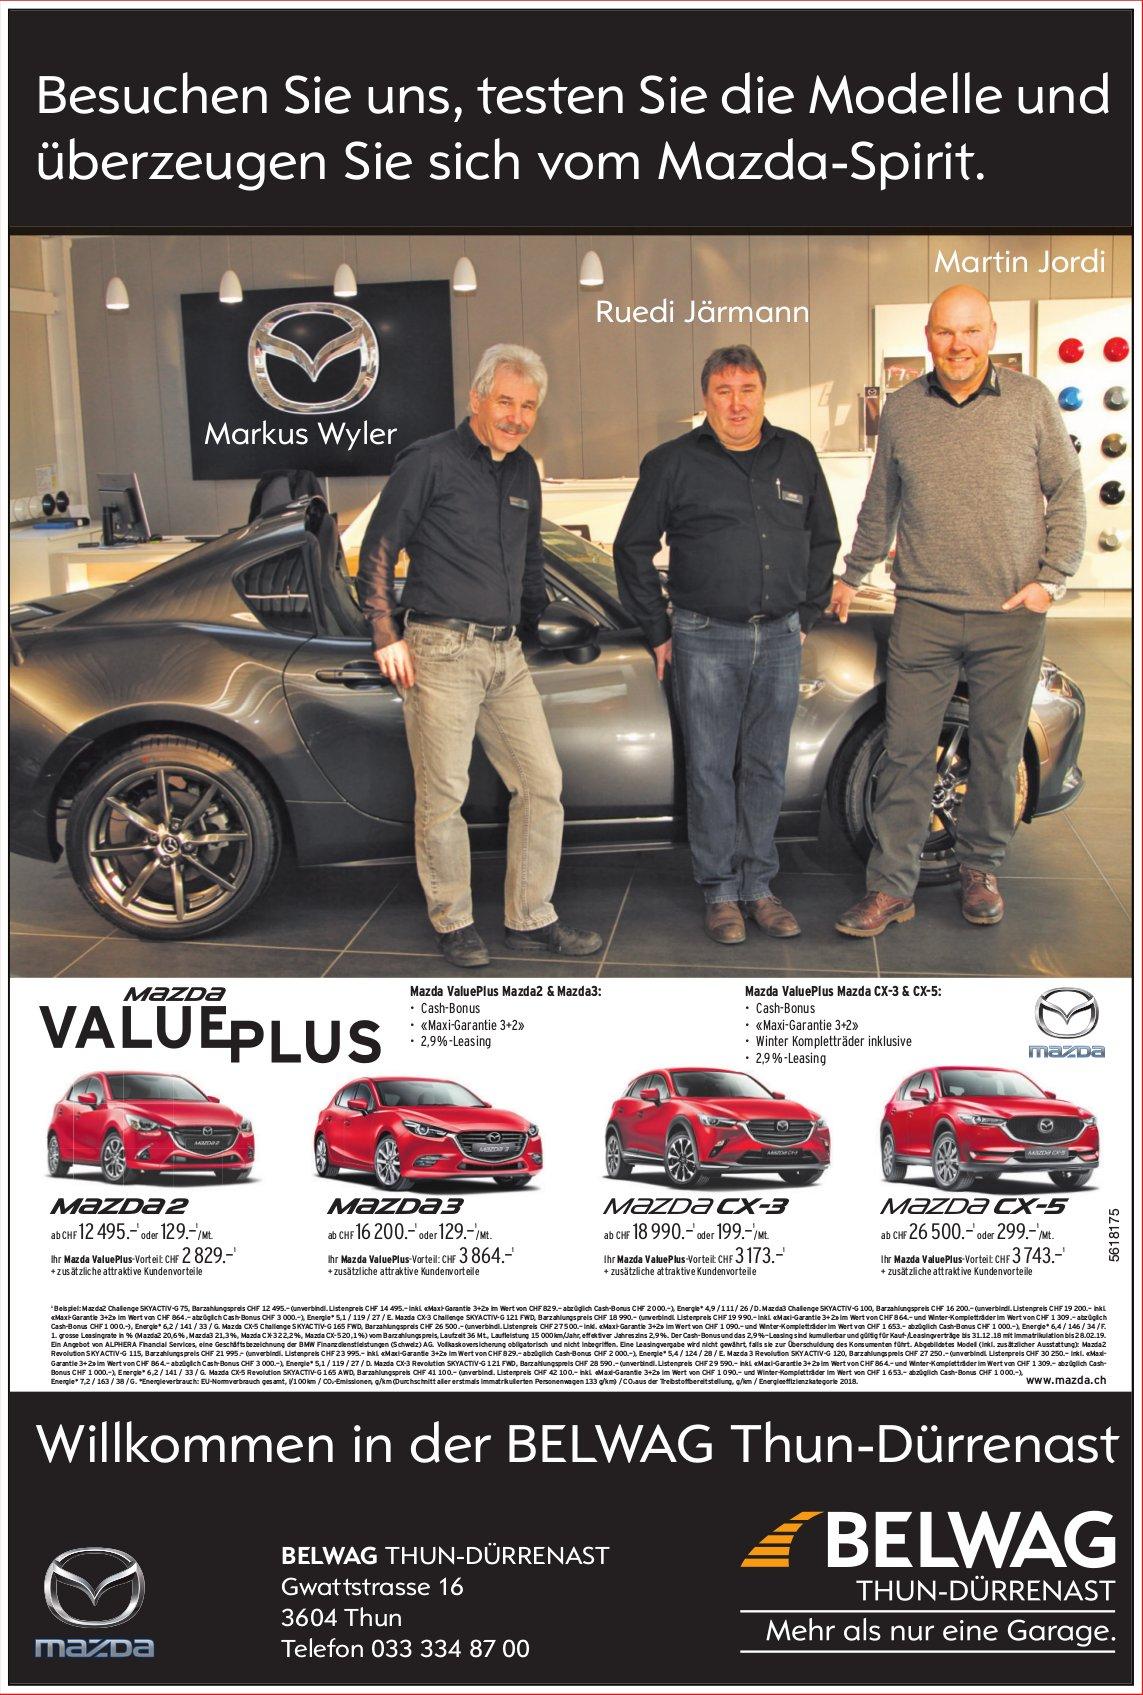 BELWAG Thun-Dürrenast - Testen Sie die Modelle und überzeugen Sie sich vom Mazda-Spirit.